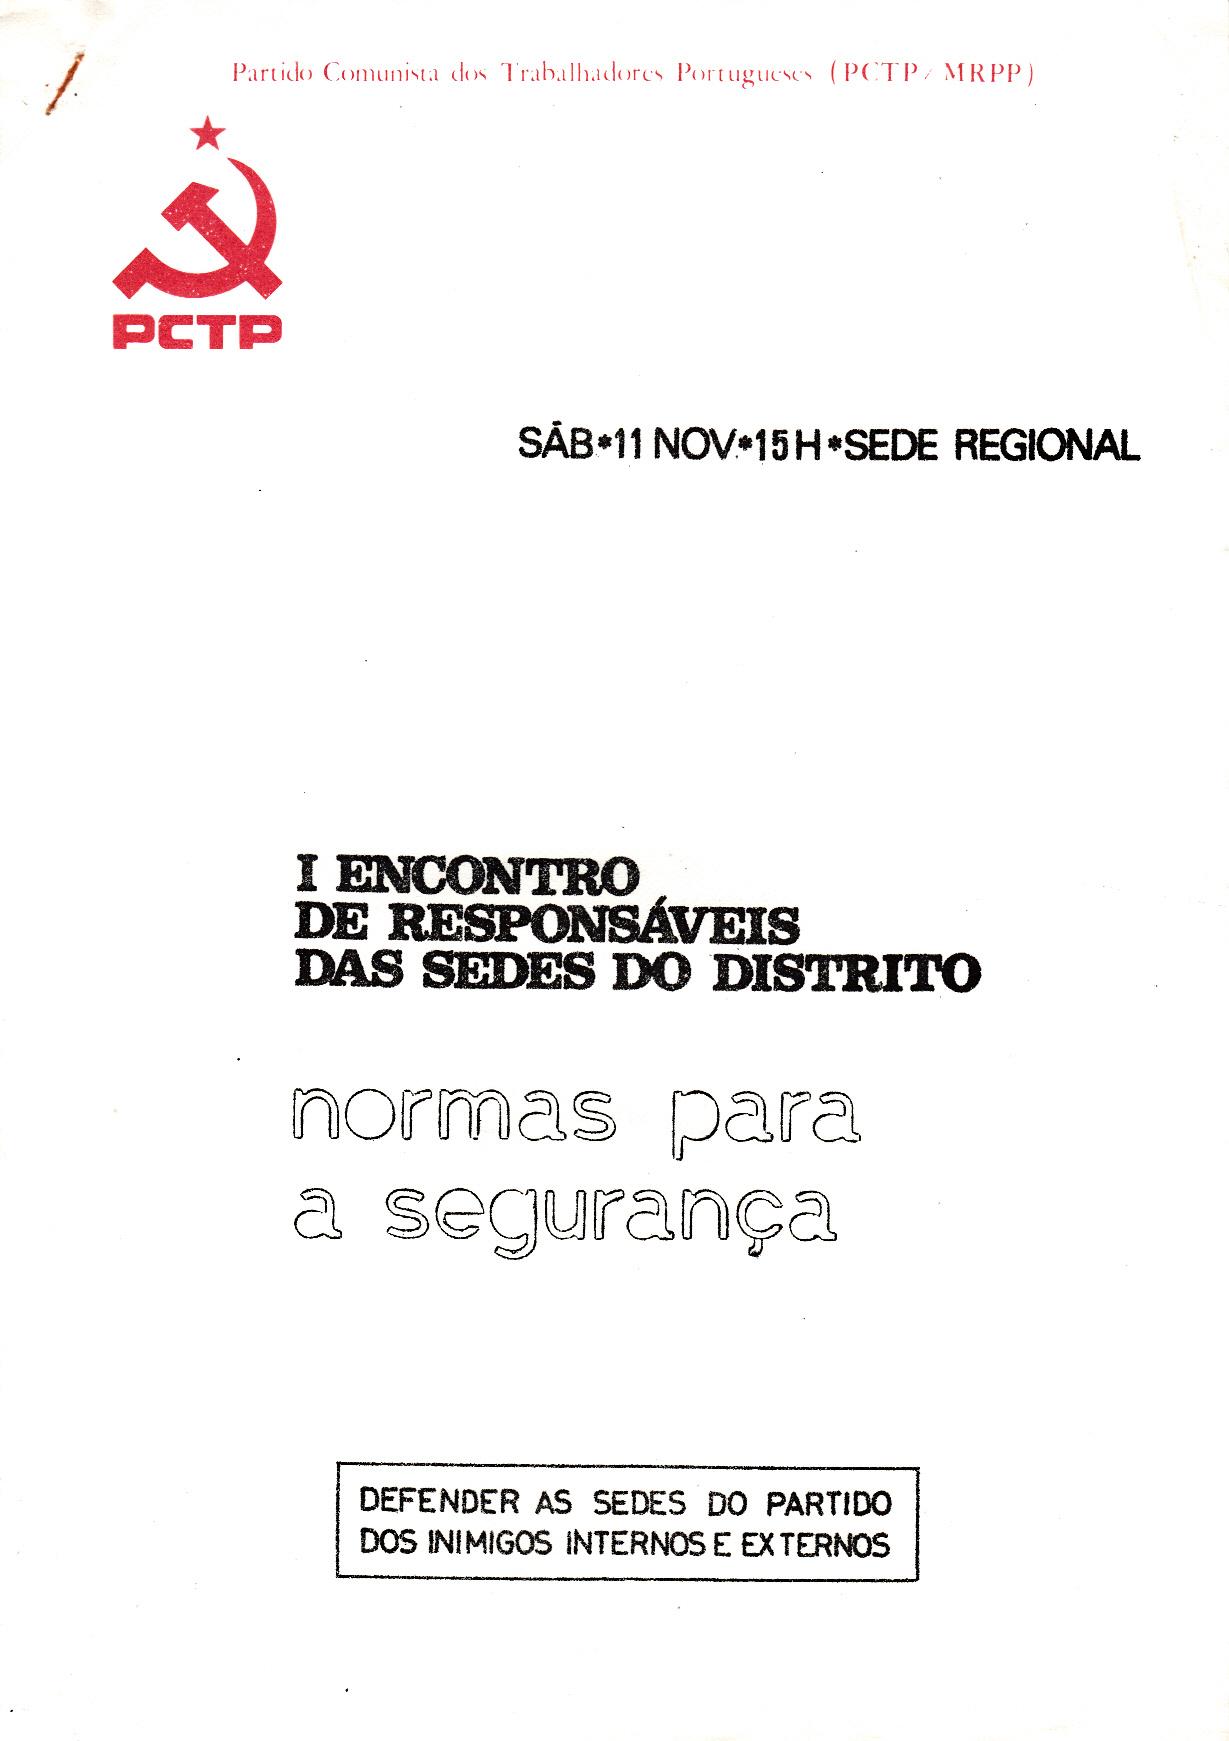 MRPP_1978_11_11